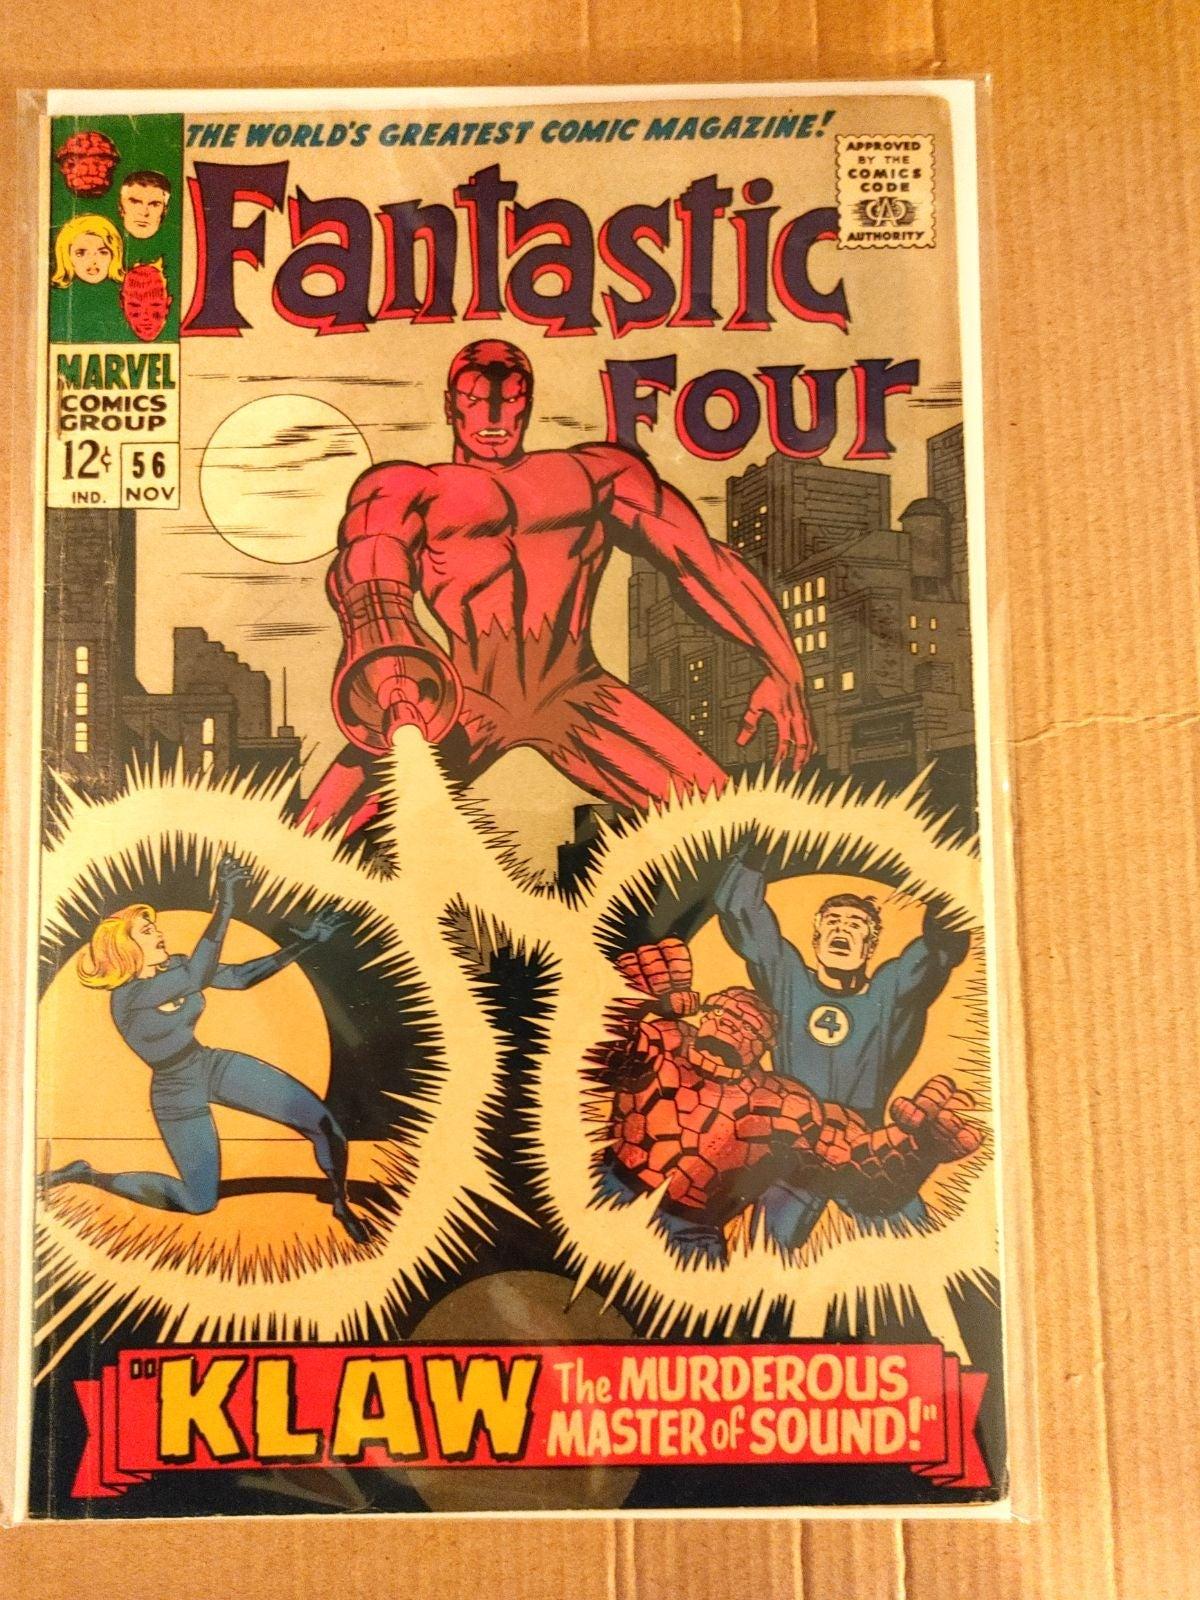 Fantastic Four #56 golden age comic